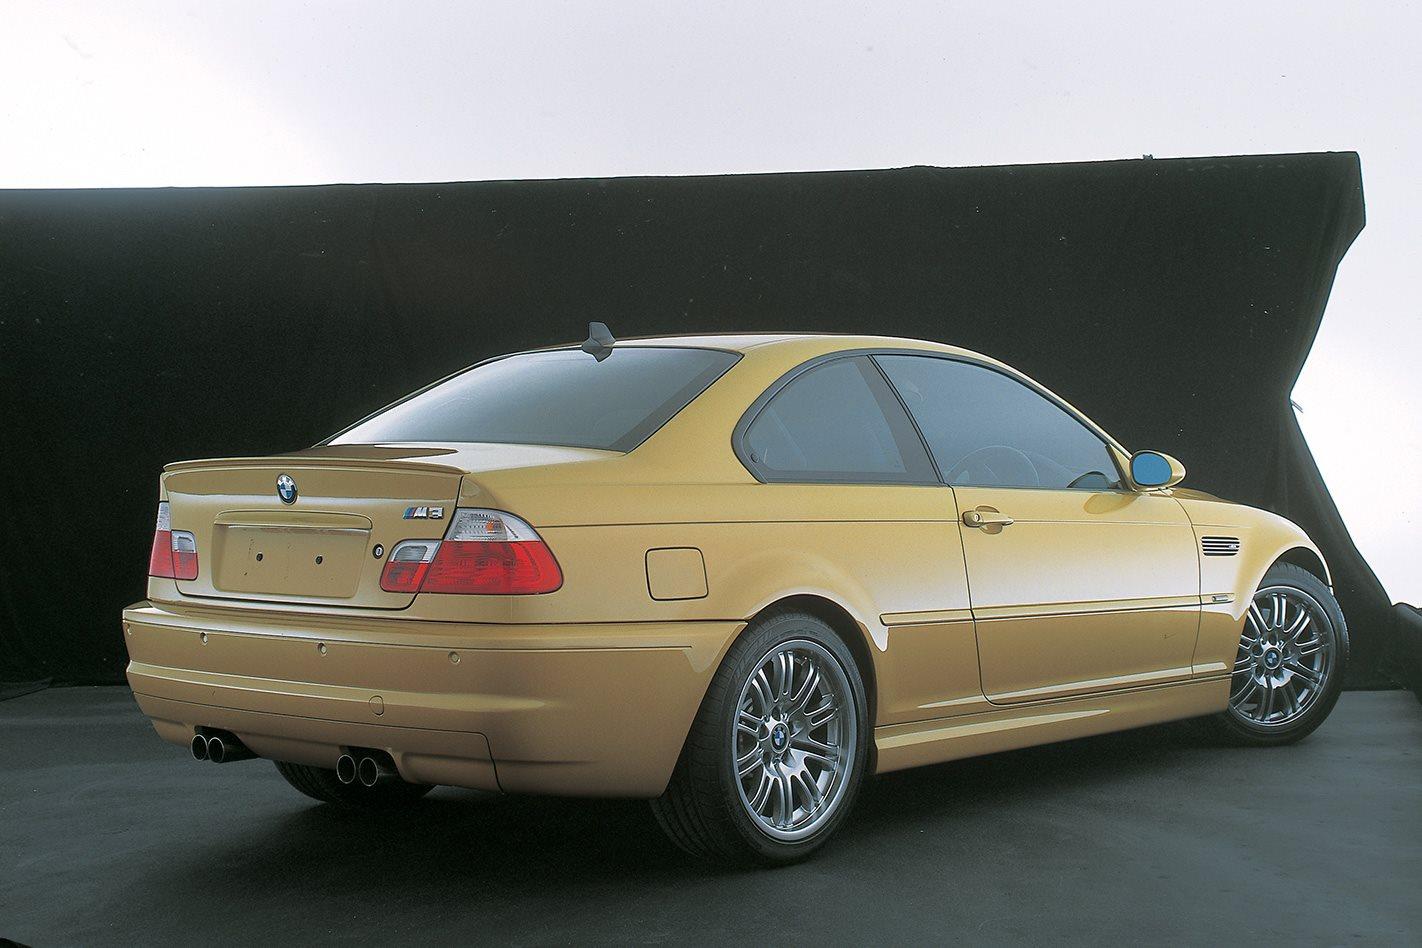 2002 Bmw E46 M3 Legend Series